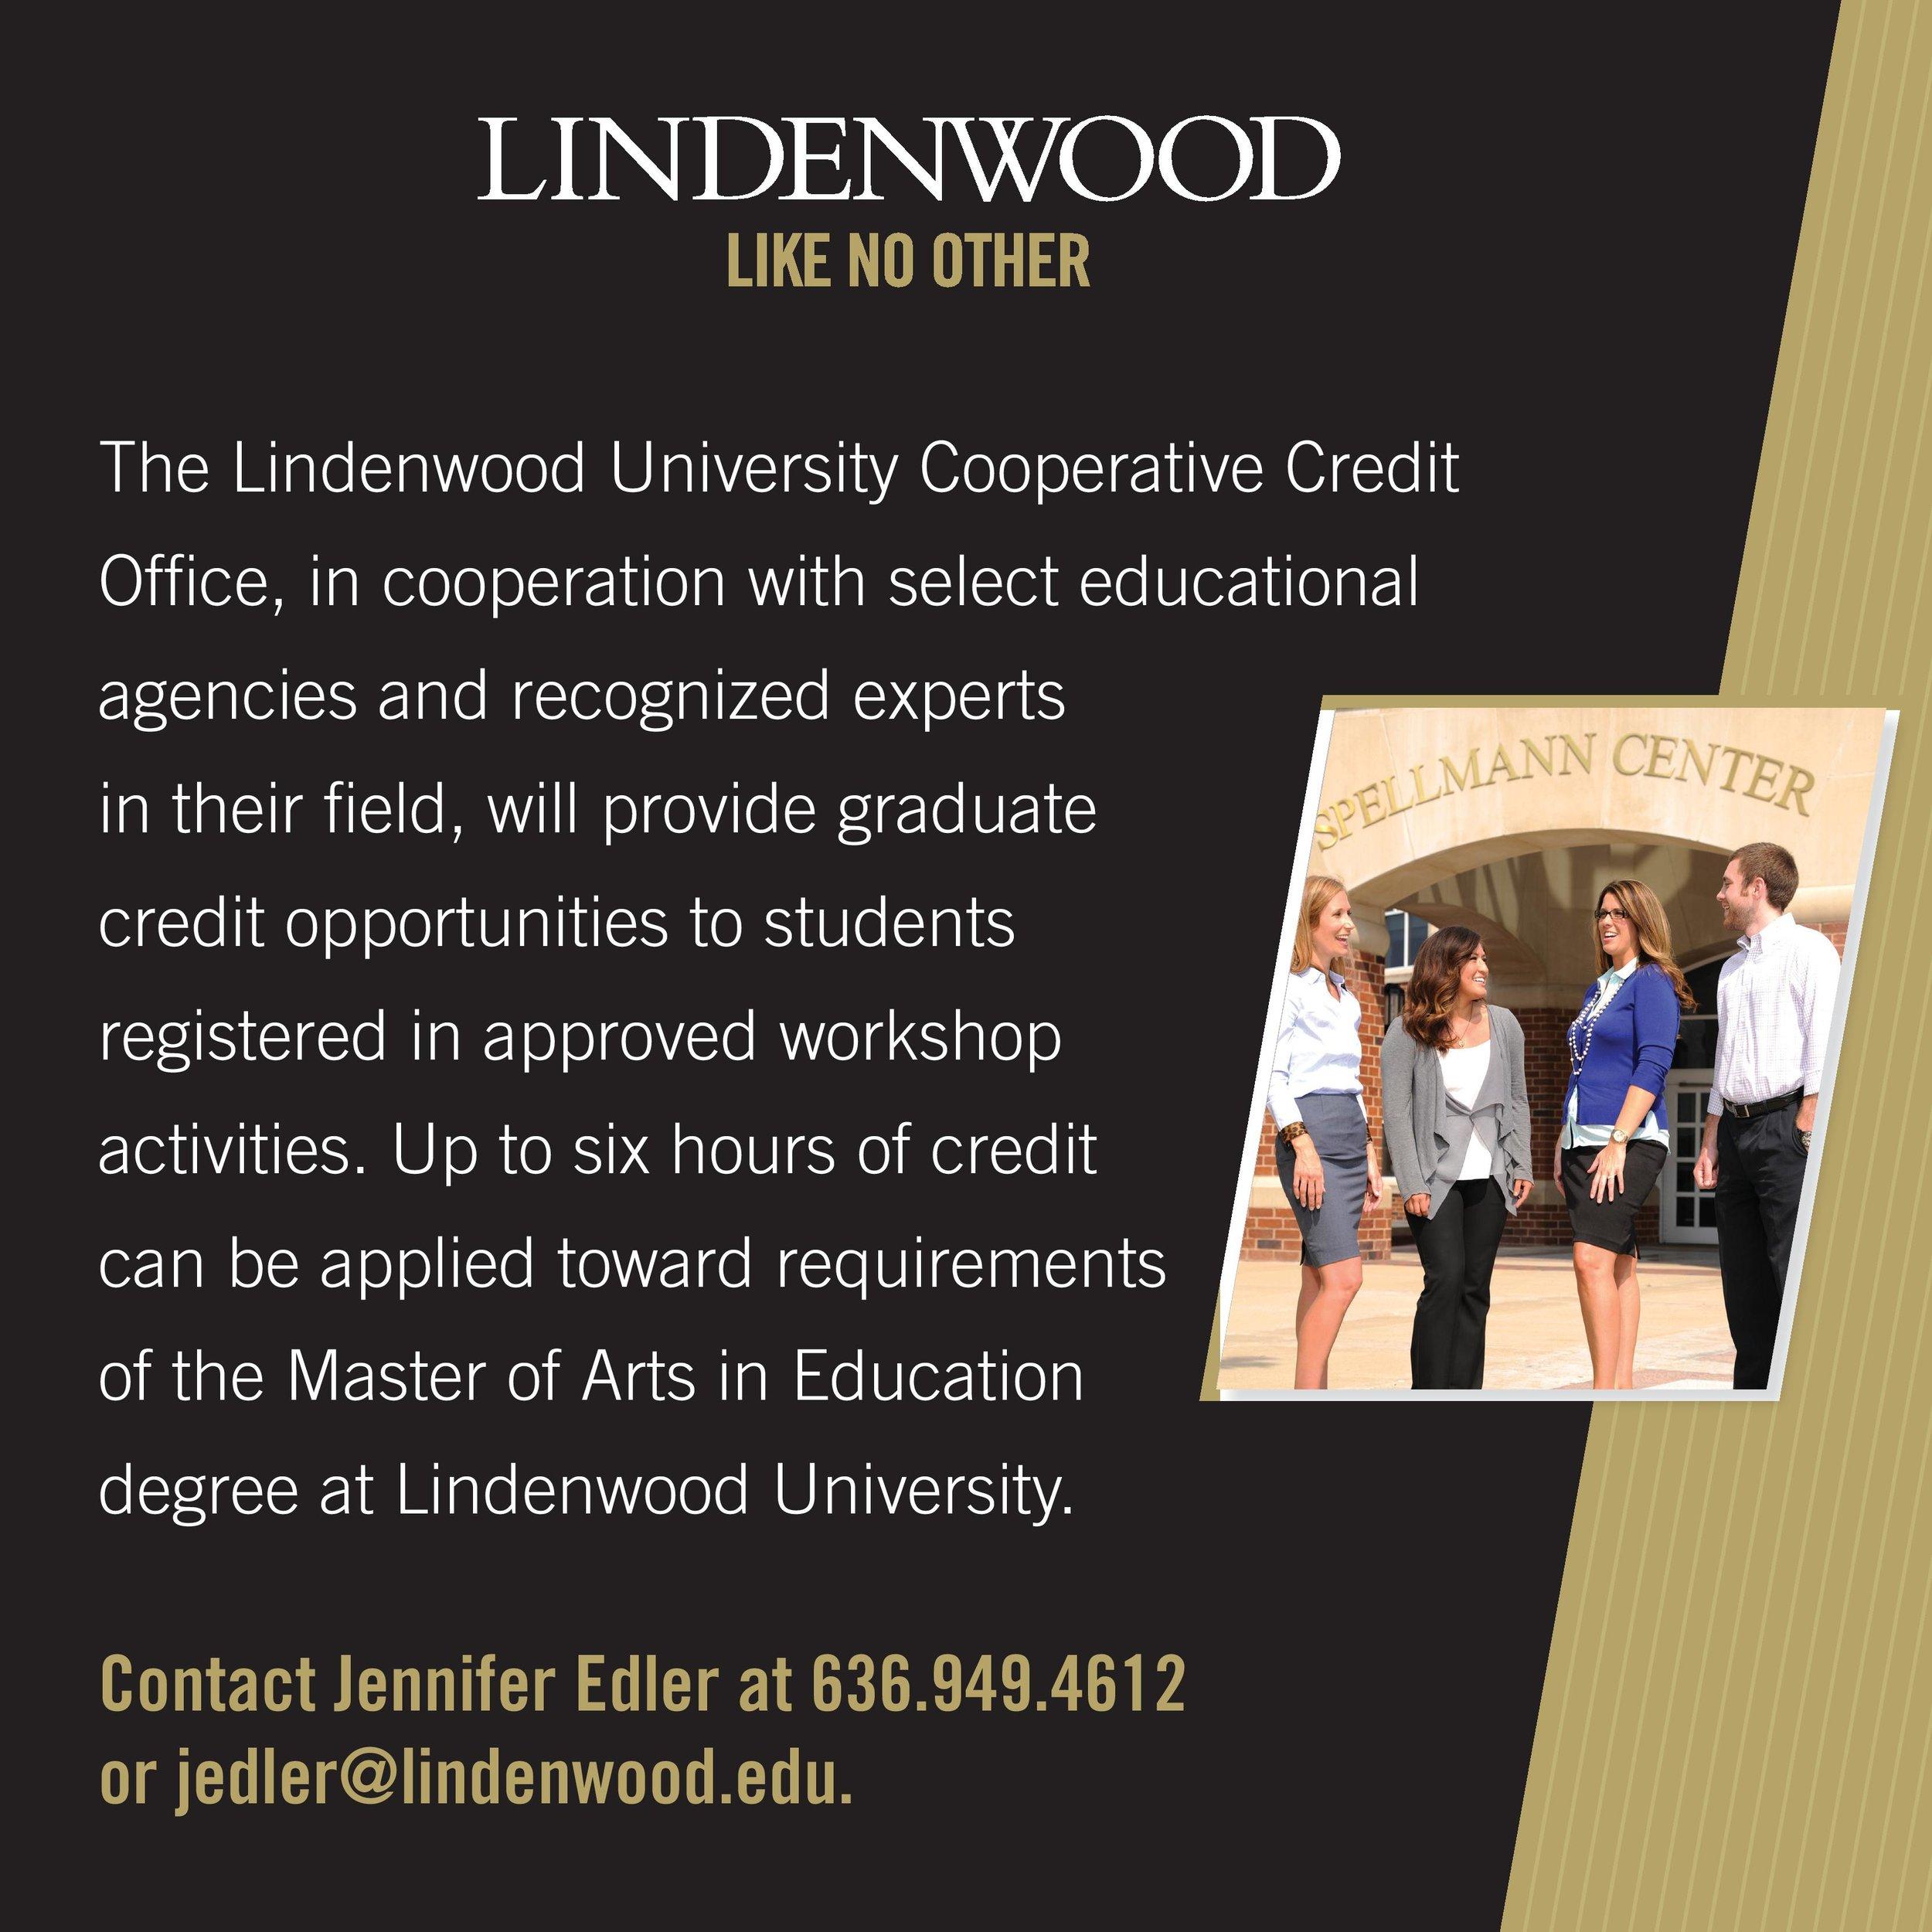 Lindenwood-page-001.jpg